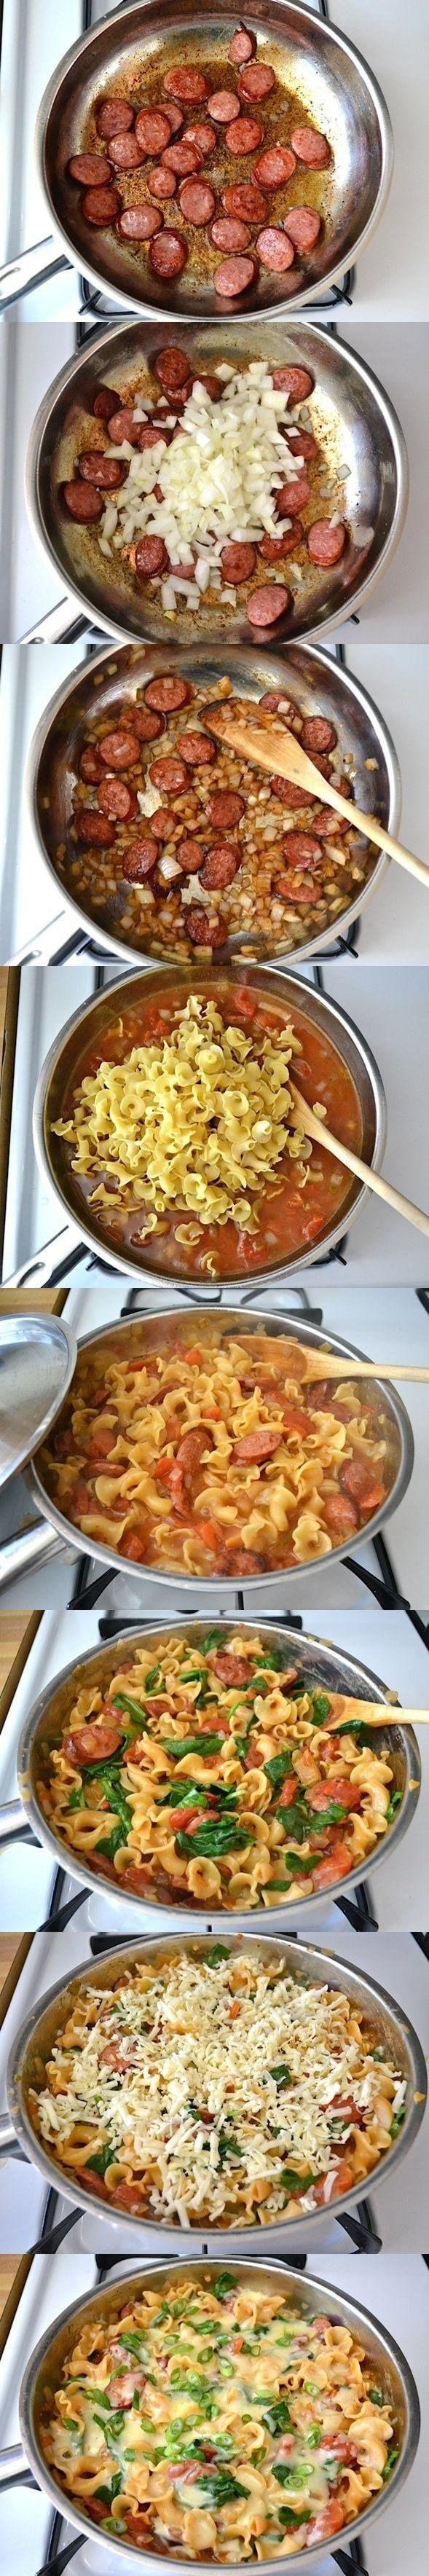 Podsmaż kiełbaskę, potem dodaj cebulkę, zalej pomidorami z puszki i wodą wrzuć makaron wymieszaj przykryj i gotuj na małym ogniu aż makaron zmięknie, na końcu zetrzyj sera przykryj i jeszcze chwilę potrzymaj na palniku ale wyłącz. super smakuje! polecam!